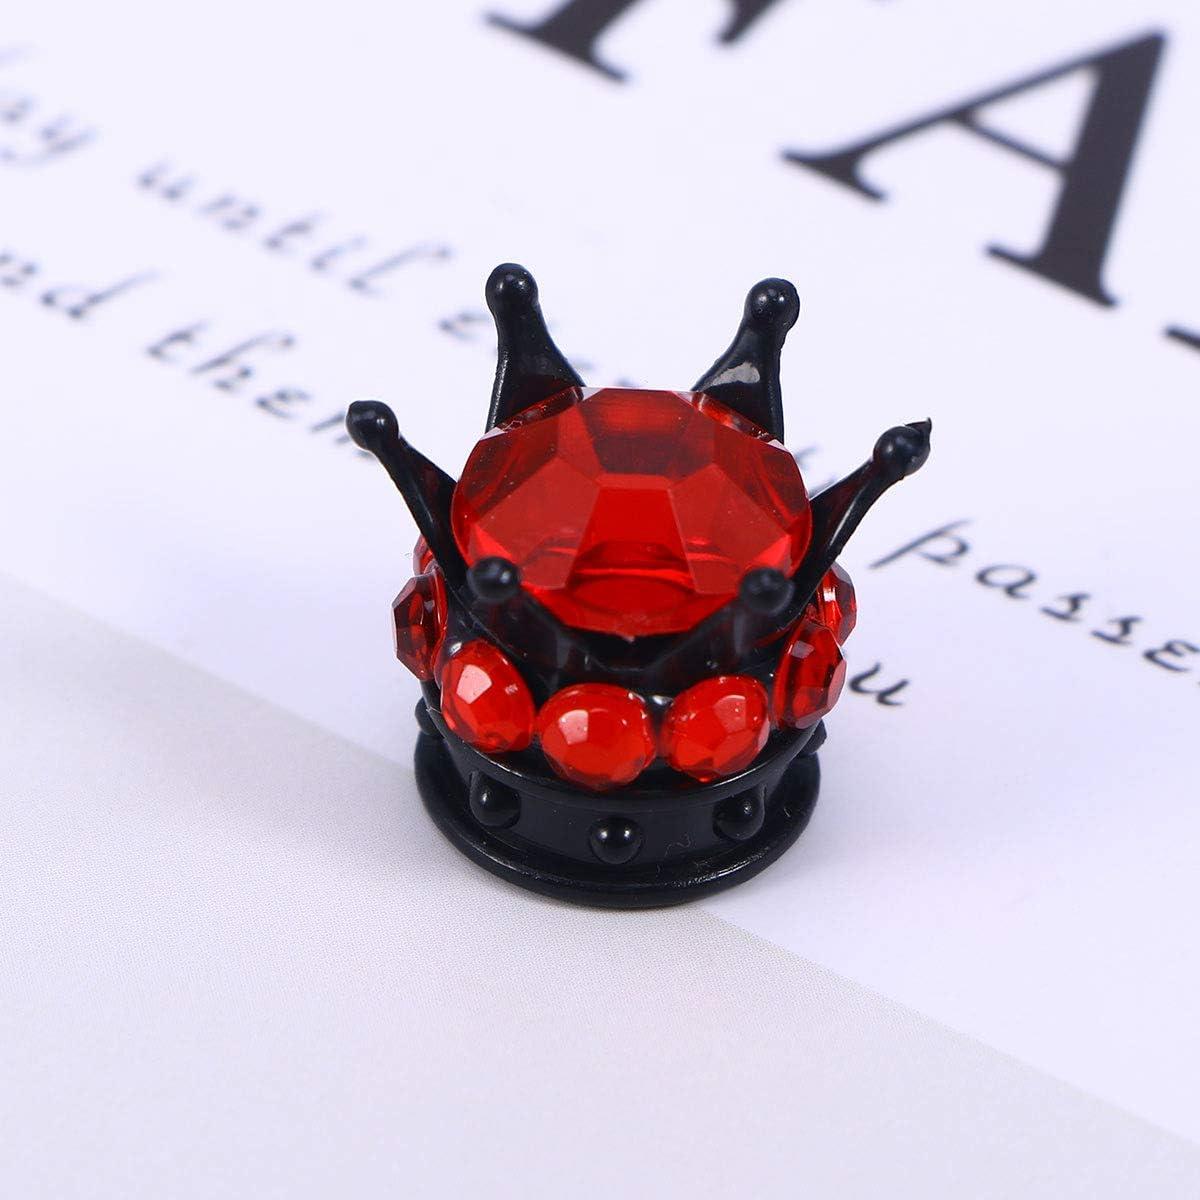 Noir Rouge Vosarea 4pcs Bouchons de Valve de Pneu avec Couronne en Forme pour v/élo de Moto de Voiture Automobile